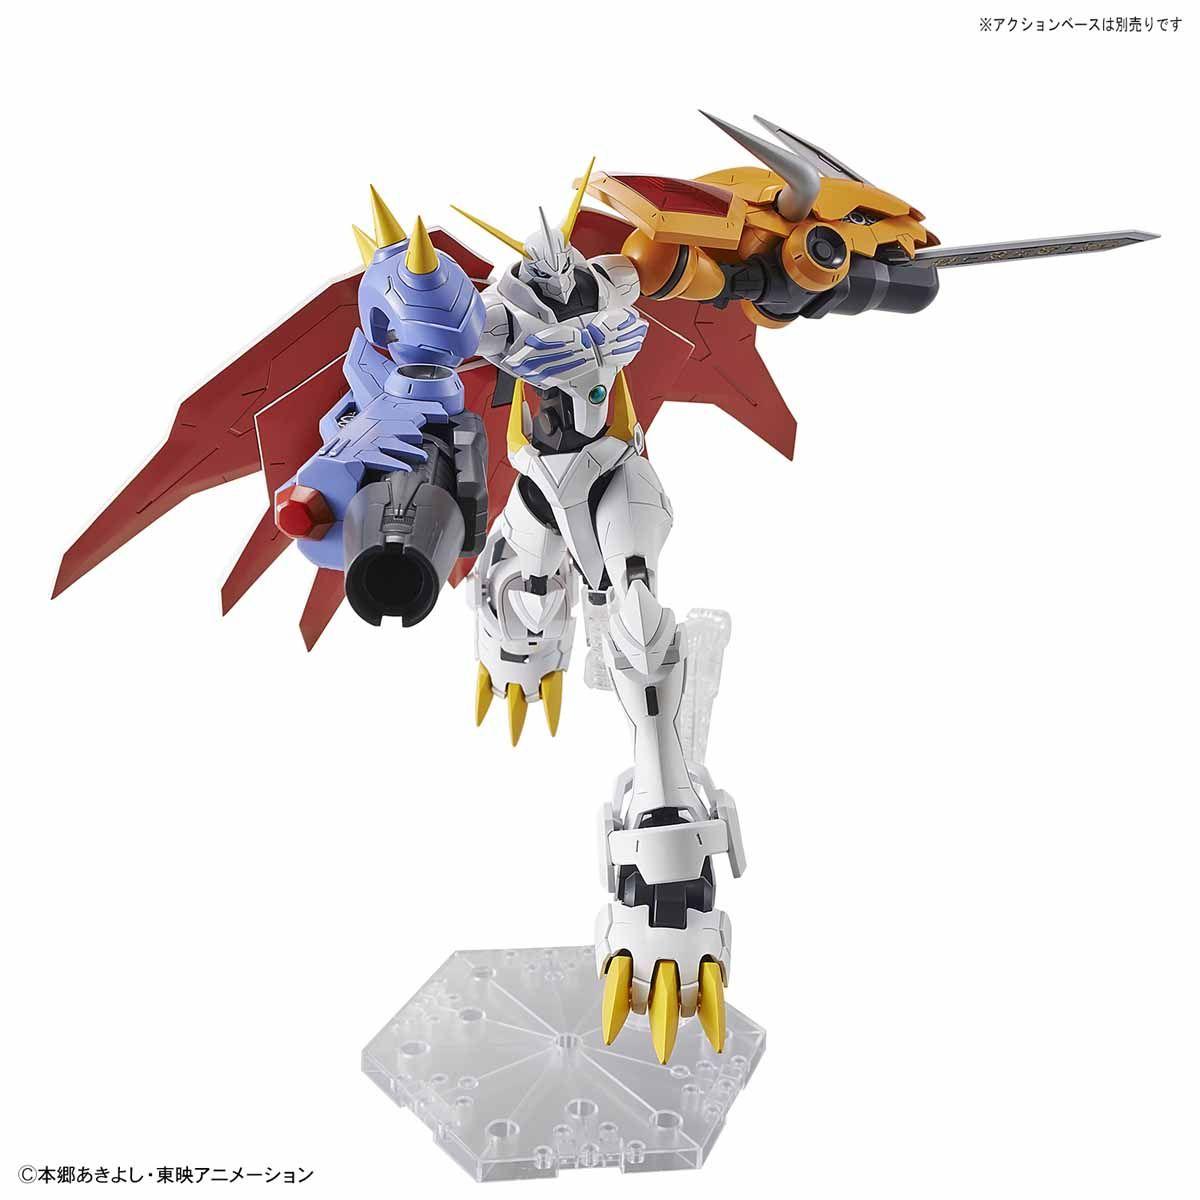 【再販】Figure-rise Standard『オメガモン(AMPLIFIED)』デジモンアドベンチャー プラモデル-005